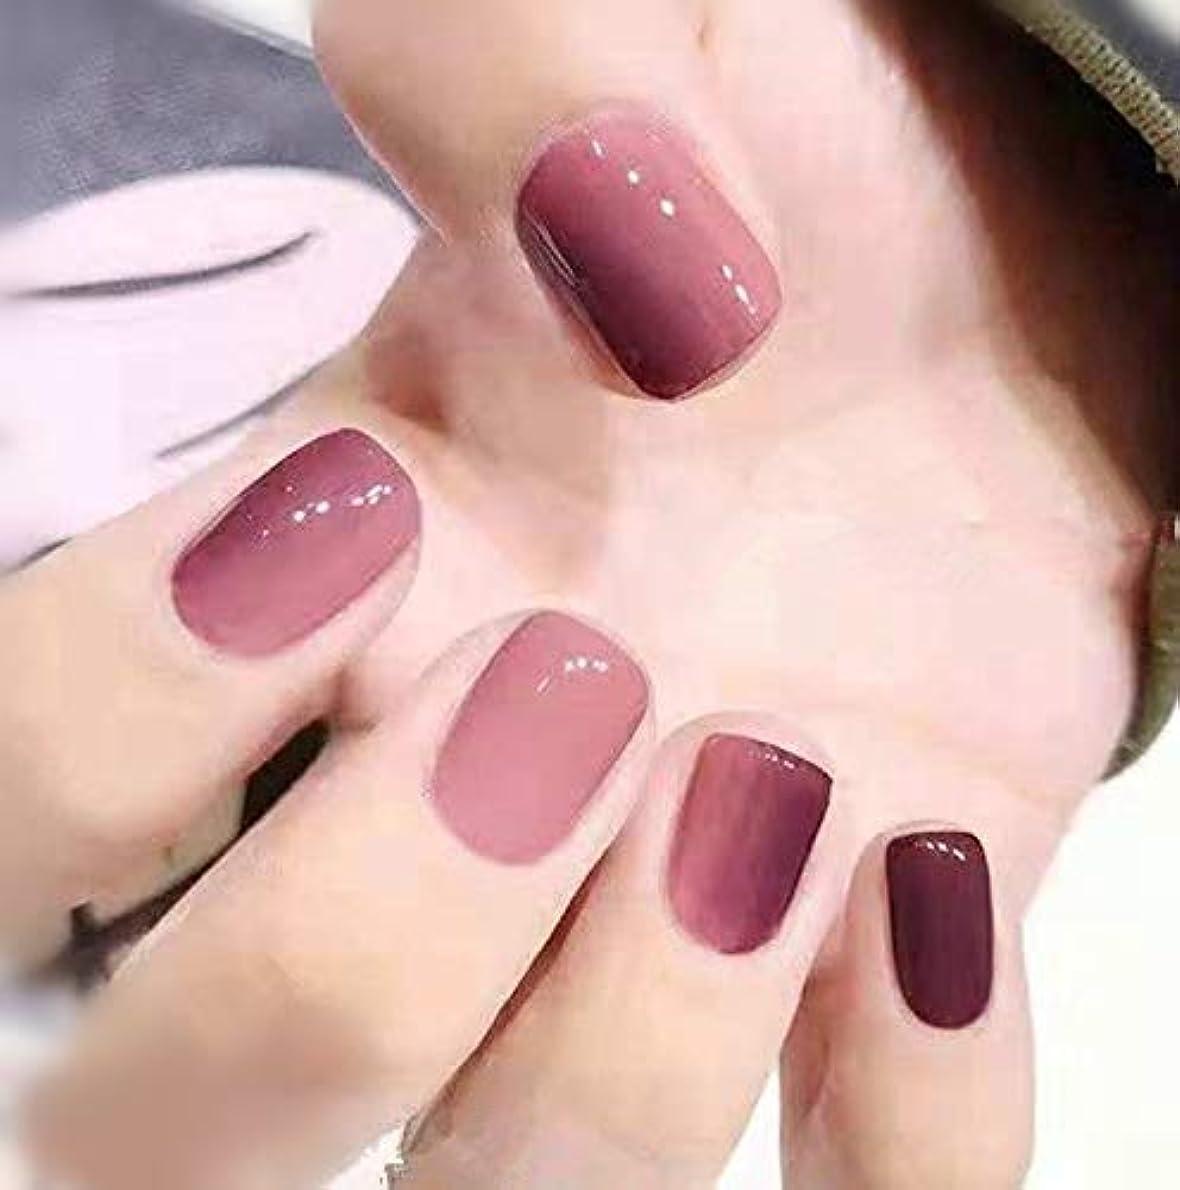 慢性的きちんとしたセージVALEN Nail Patch 24枚入 原宿 和風 夢幻 手作りネイルチップ 可愛い 優雅ネイル 粉紫の漸変色 和装 ネイル ネイル花嫁